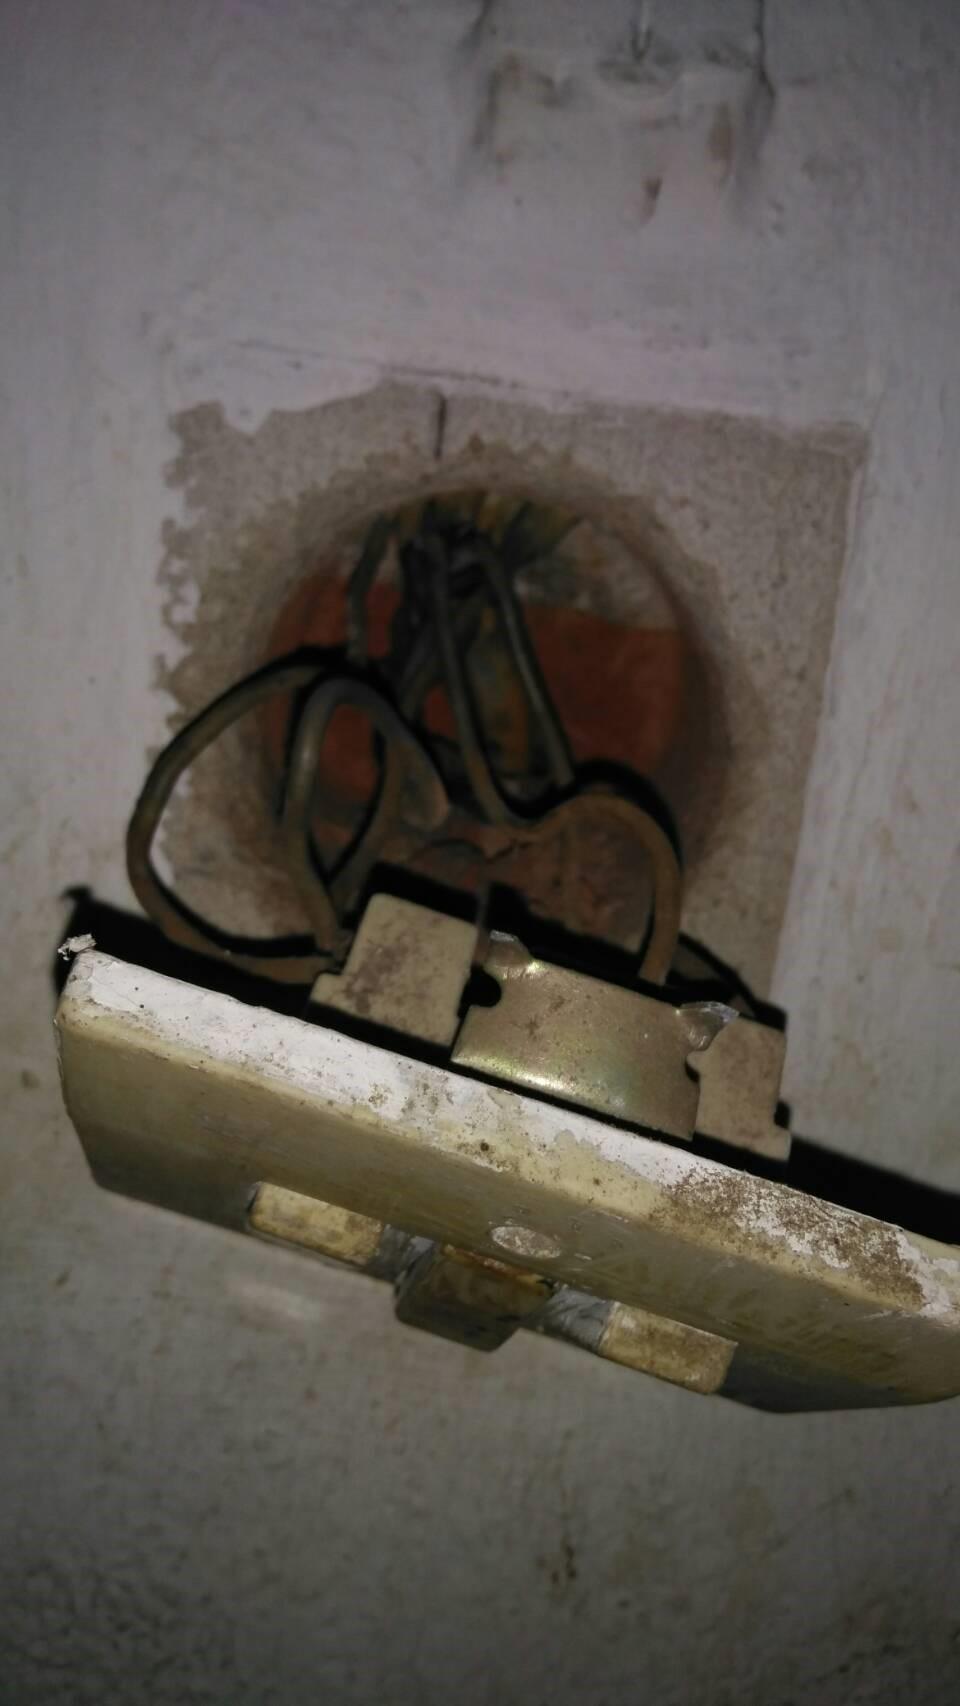 ช่างซ่อม ไฟฟ้า ปั้มน้ำ ตลิ่งชัน ด่วน 0882750965 idline @ckj5753k